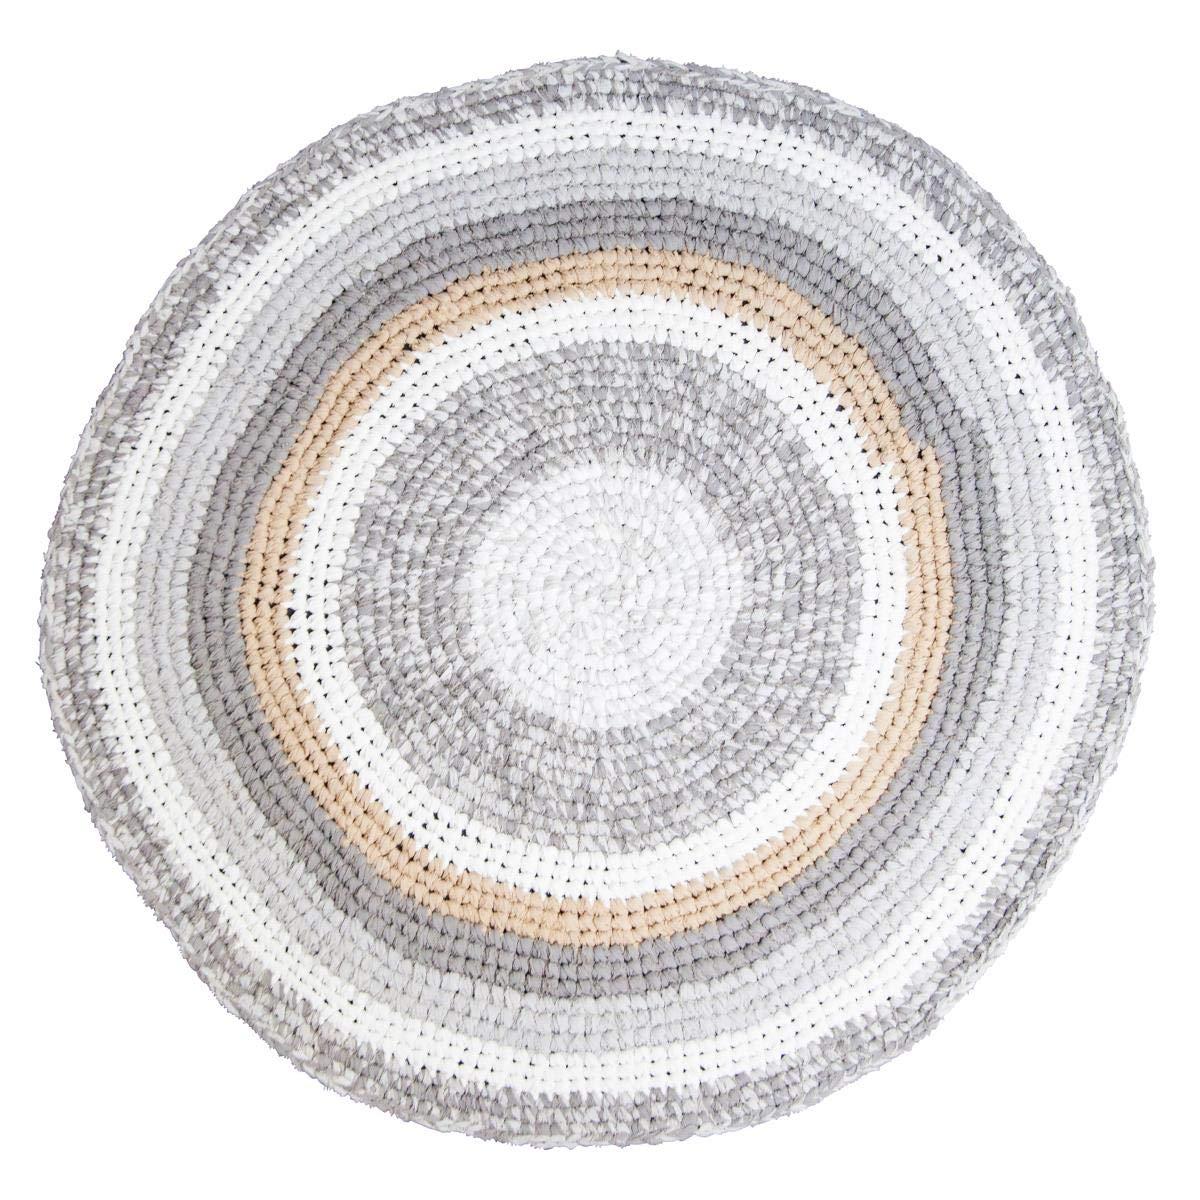 Sebra Kinderzimmer Teppich H/äkelteppich Kinderteppich 120 cm federbeige Melange 100/% Baumwolle